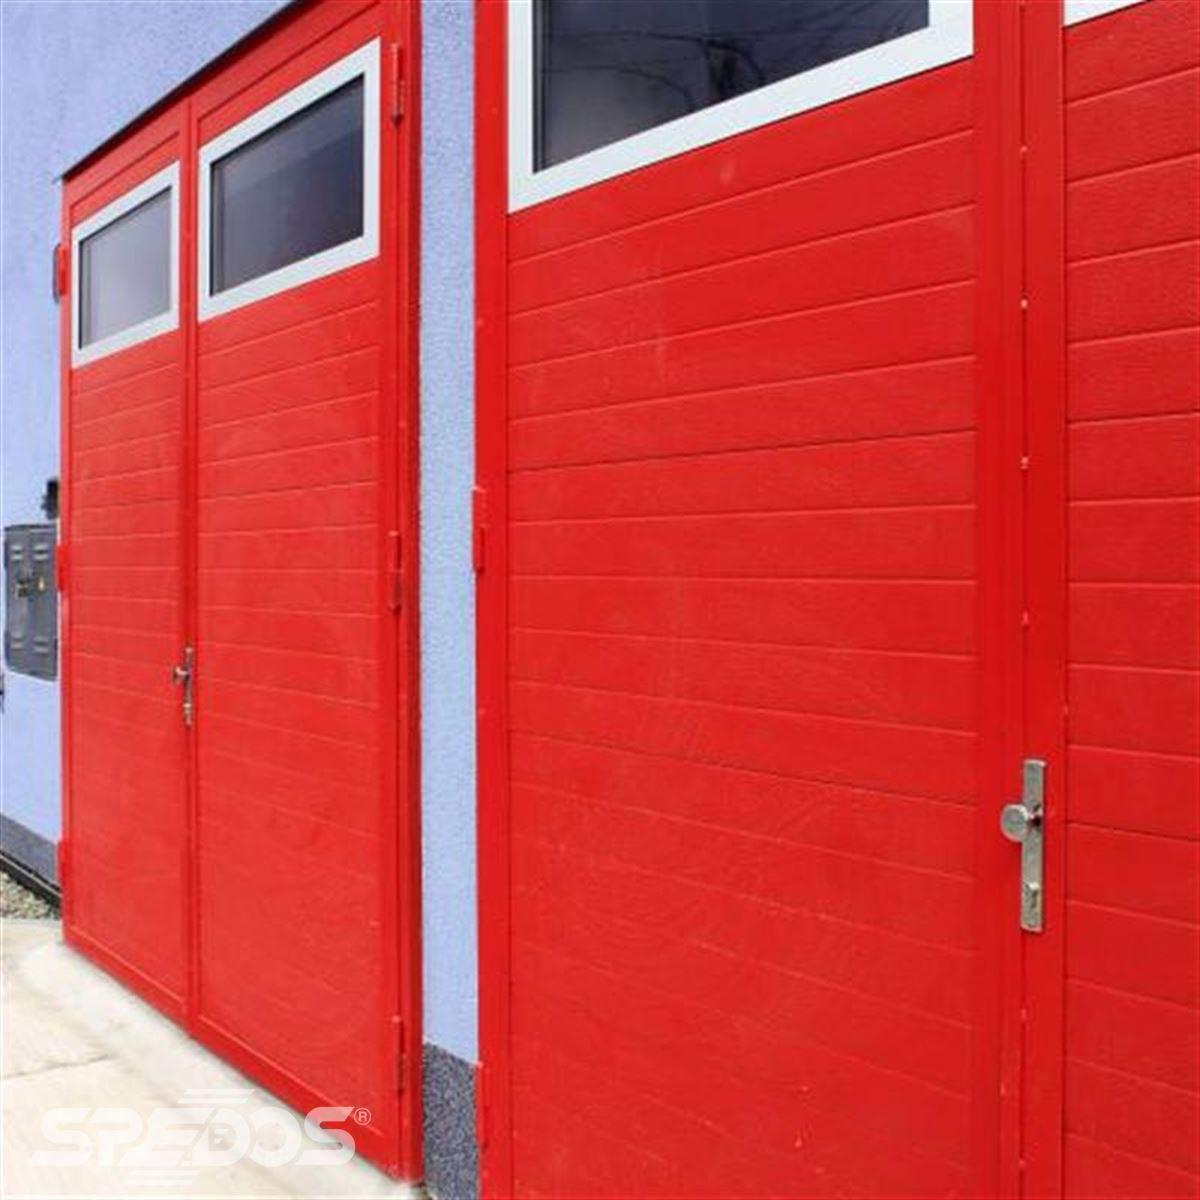 Průmyslová sekční vrata s dveřmi červené barvy